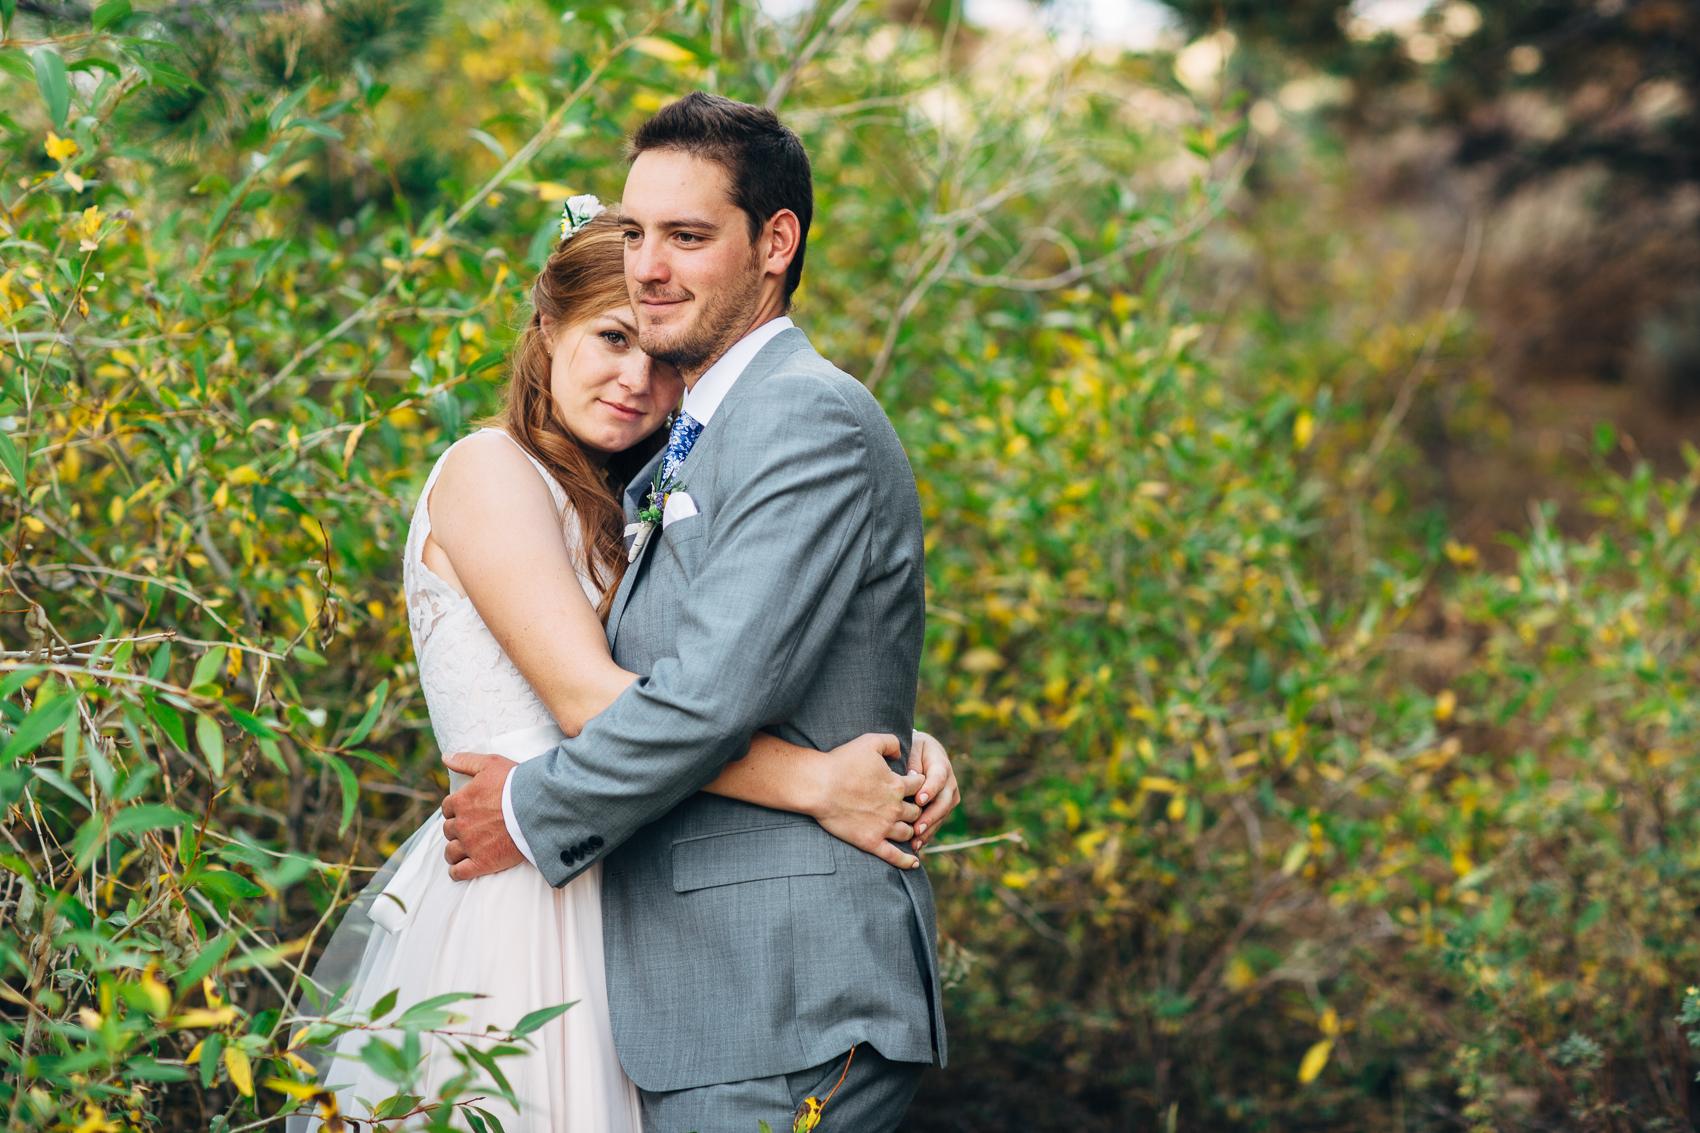 weddings-fth-11.jpg